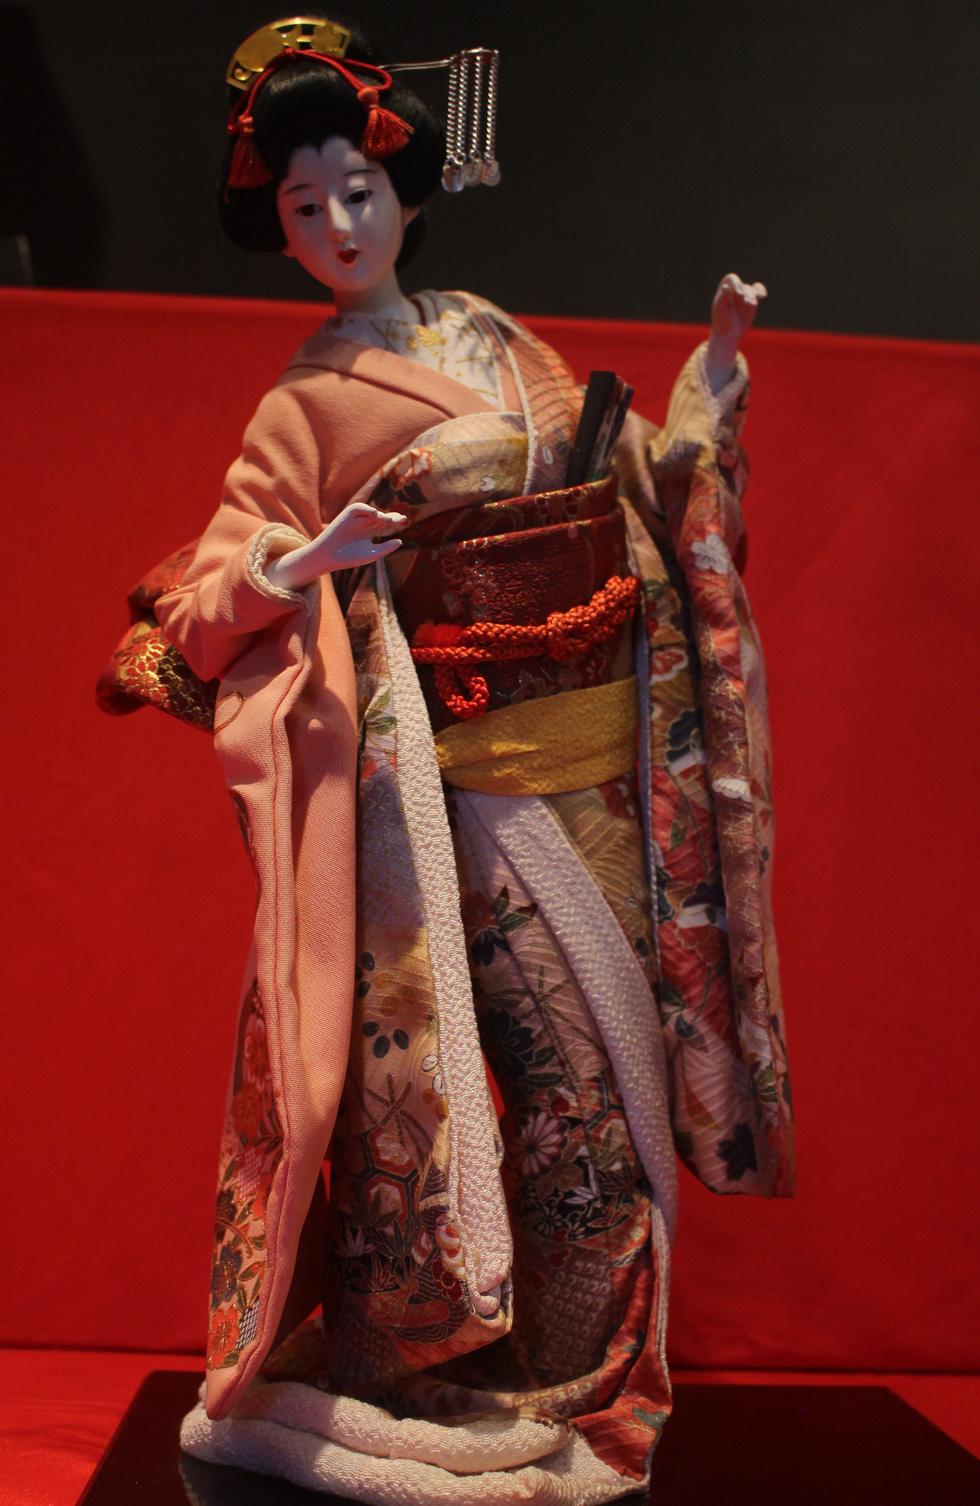 Bí ẩn thế giới búp bê truyền thống Nhật Bản - Ảnh 8.